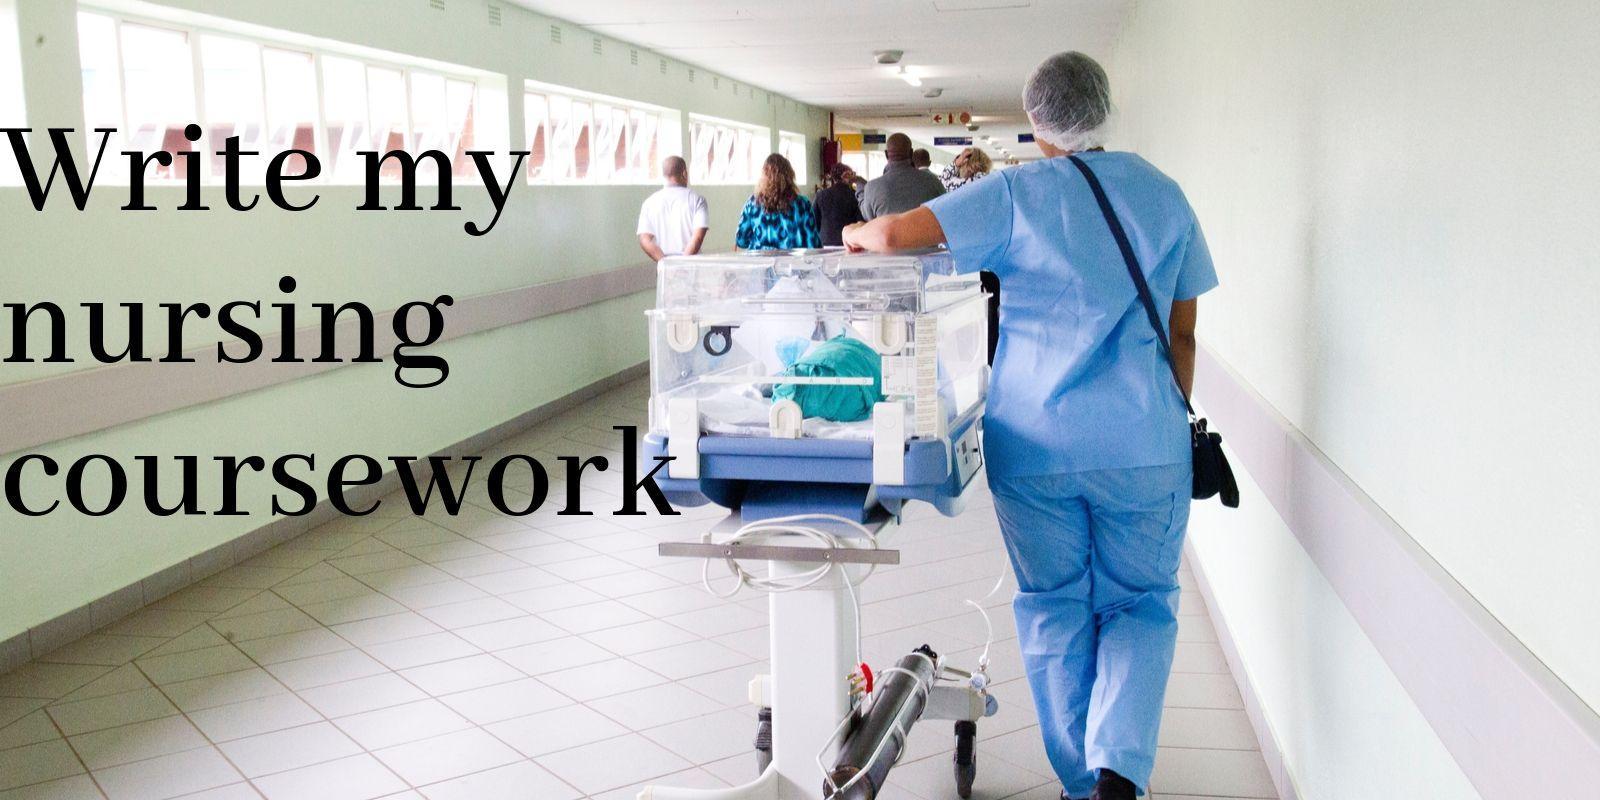 Write my nursing coursework